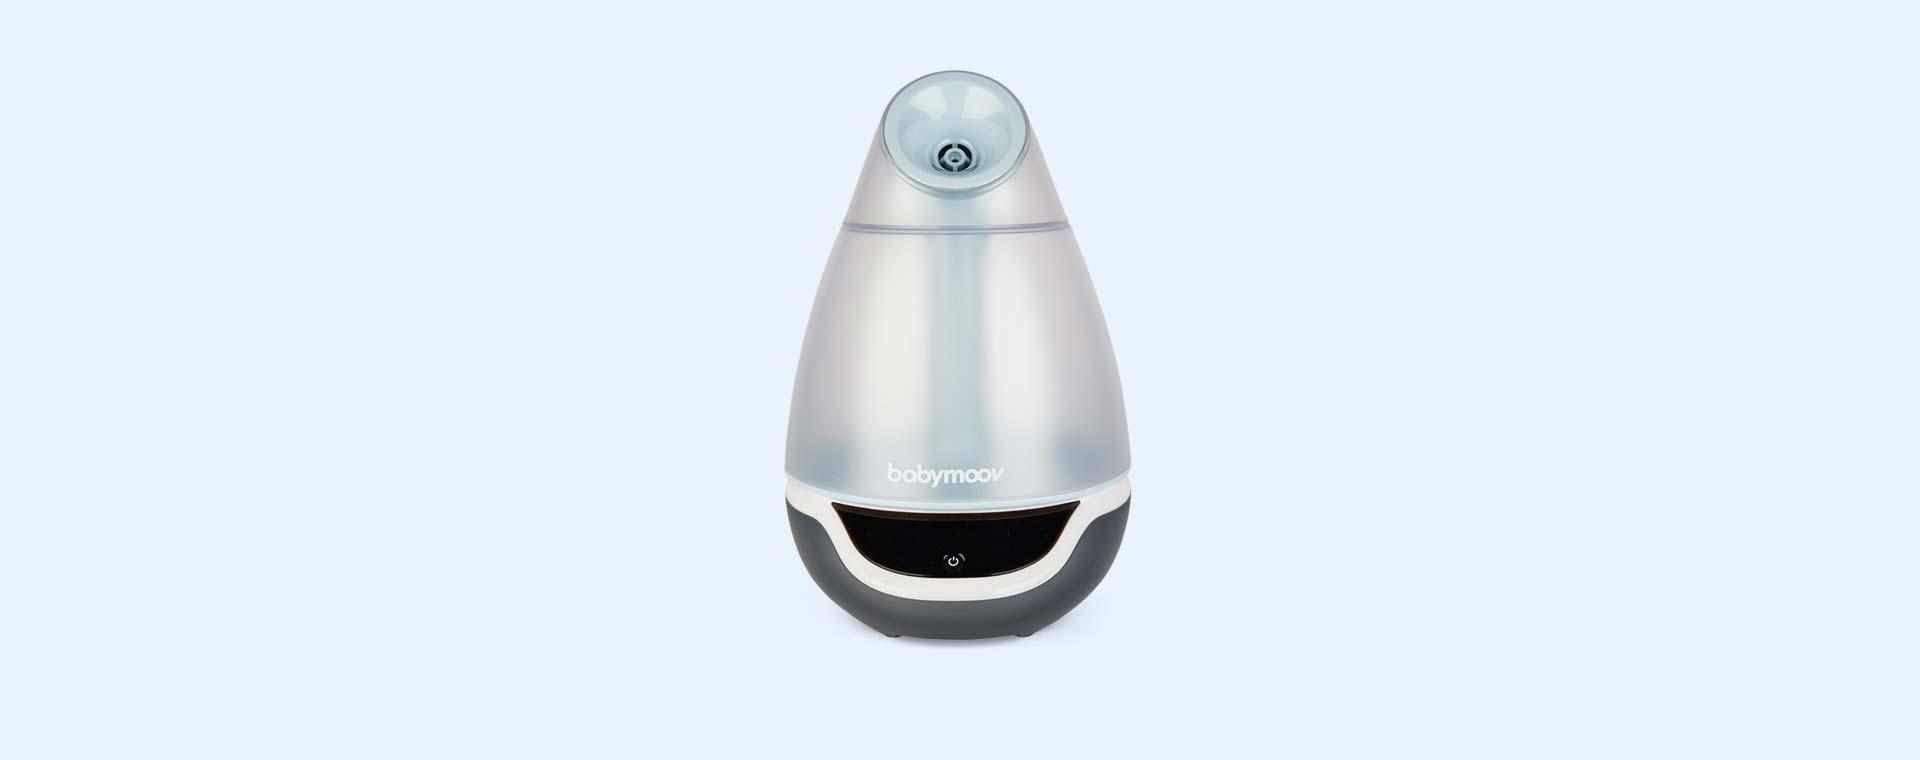 Blue Babymoov Hygro+ Humidifier